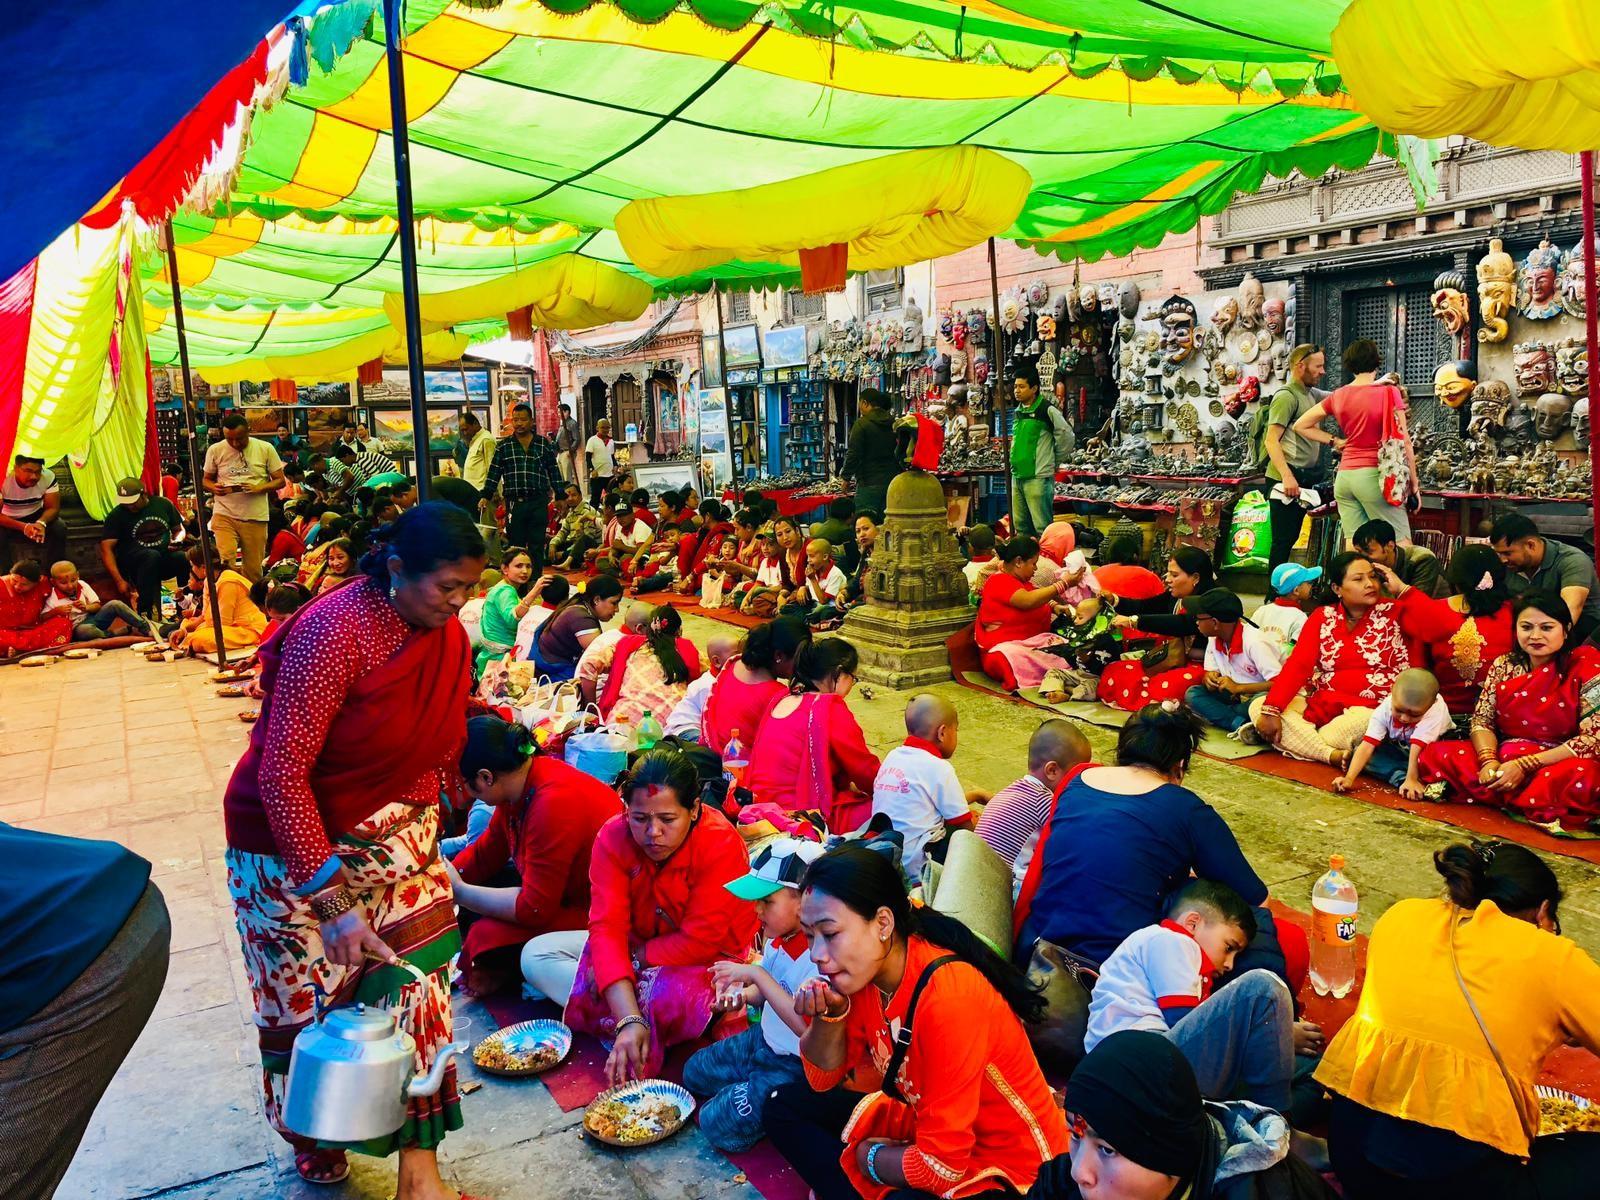 viaggio-in-nepal-e309319389d1861ed049c2b